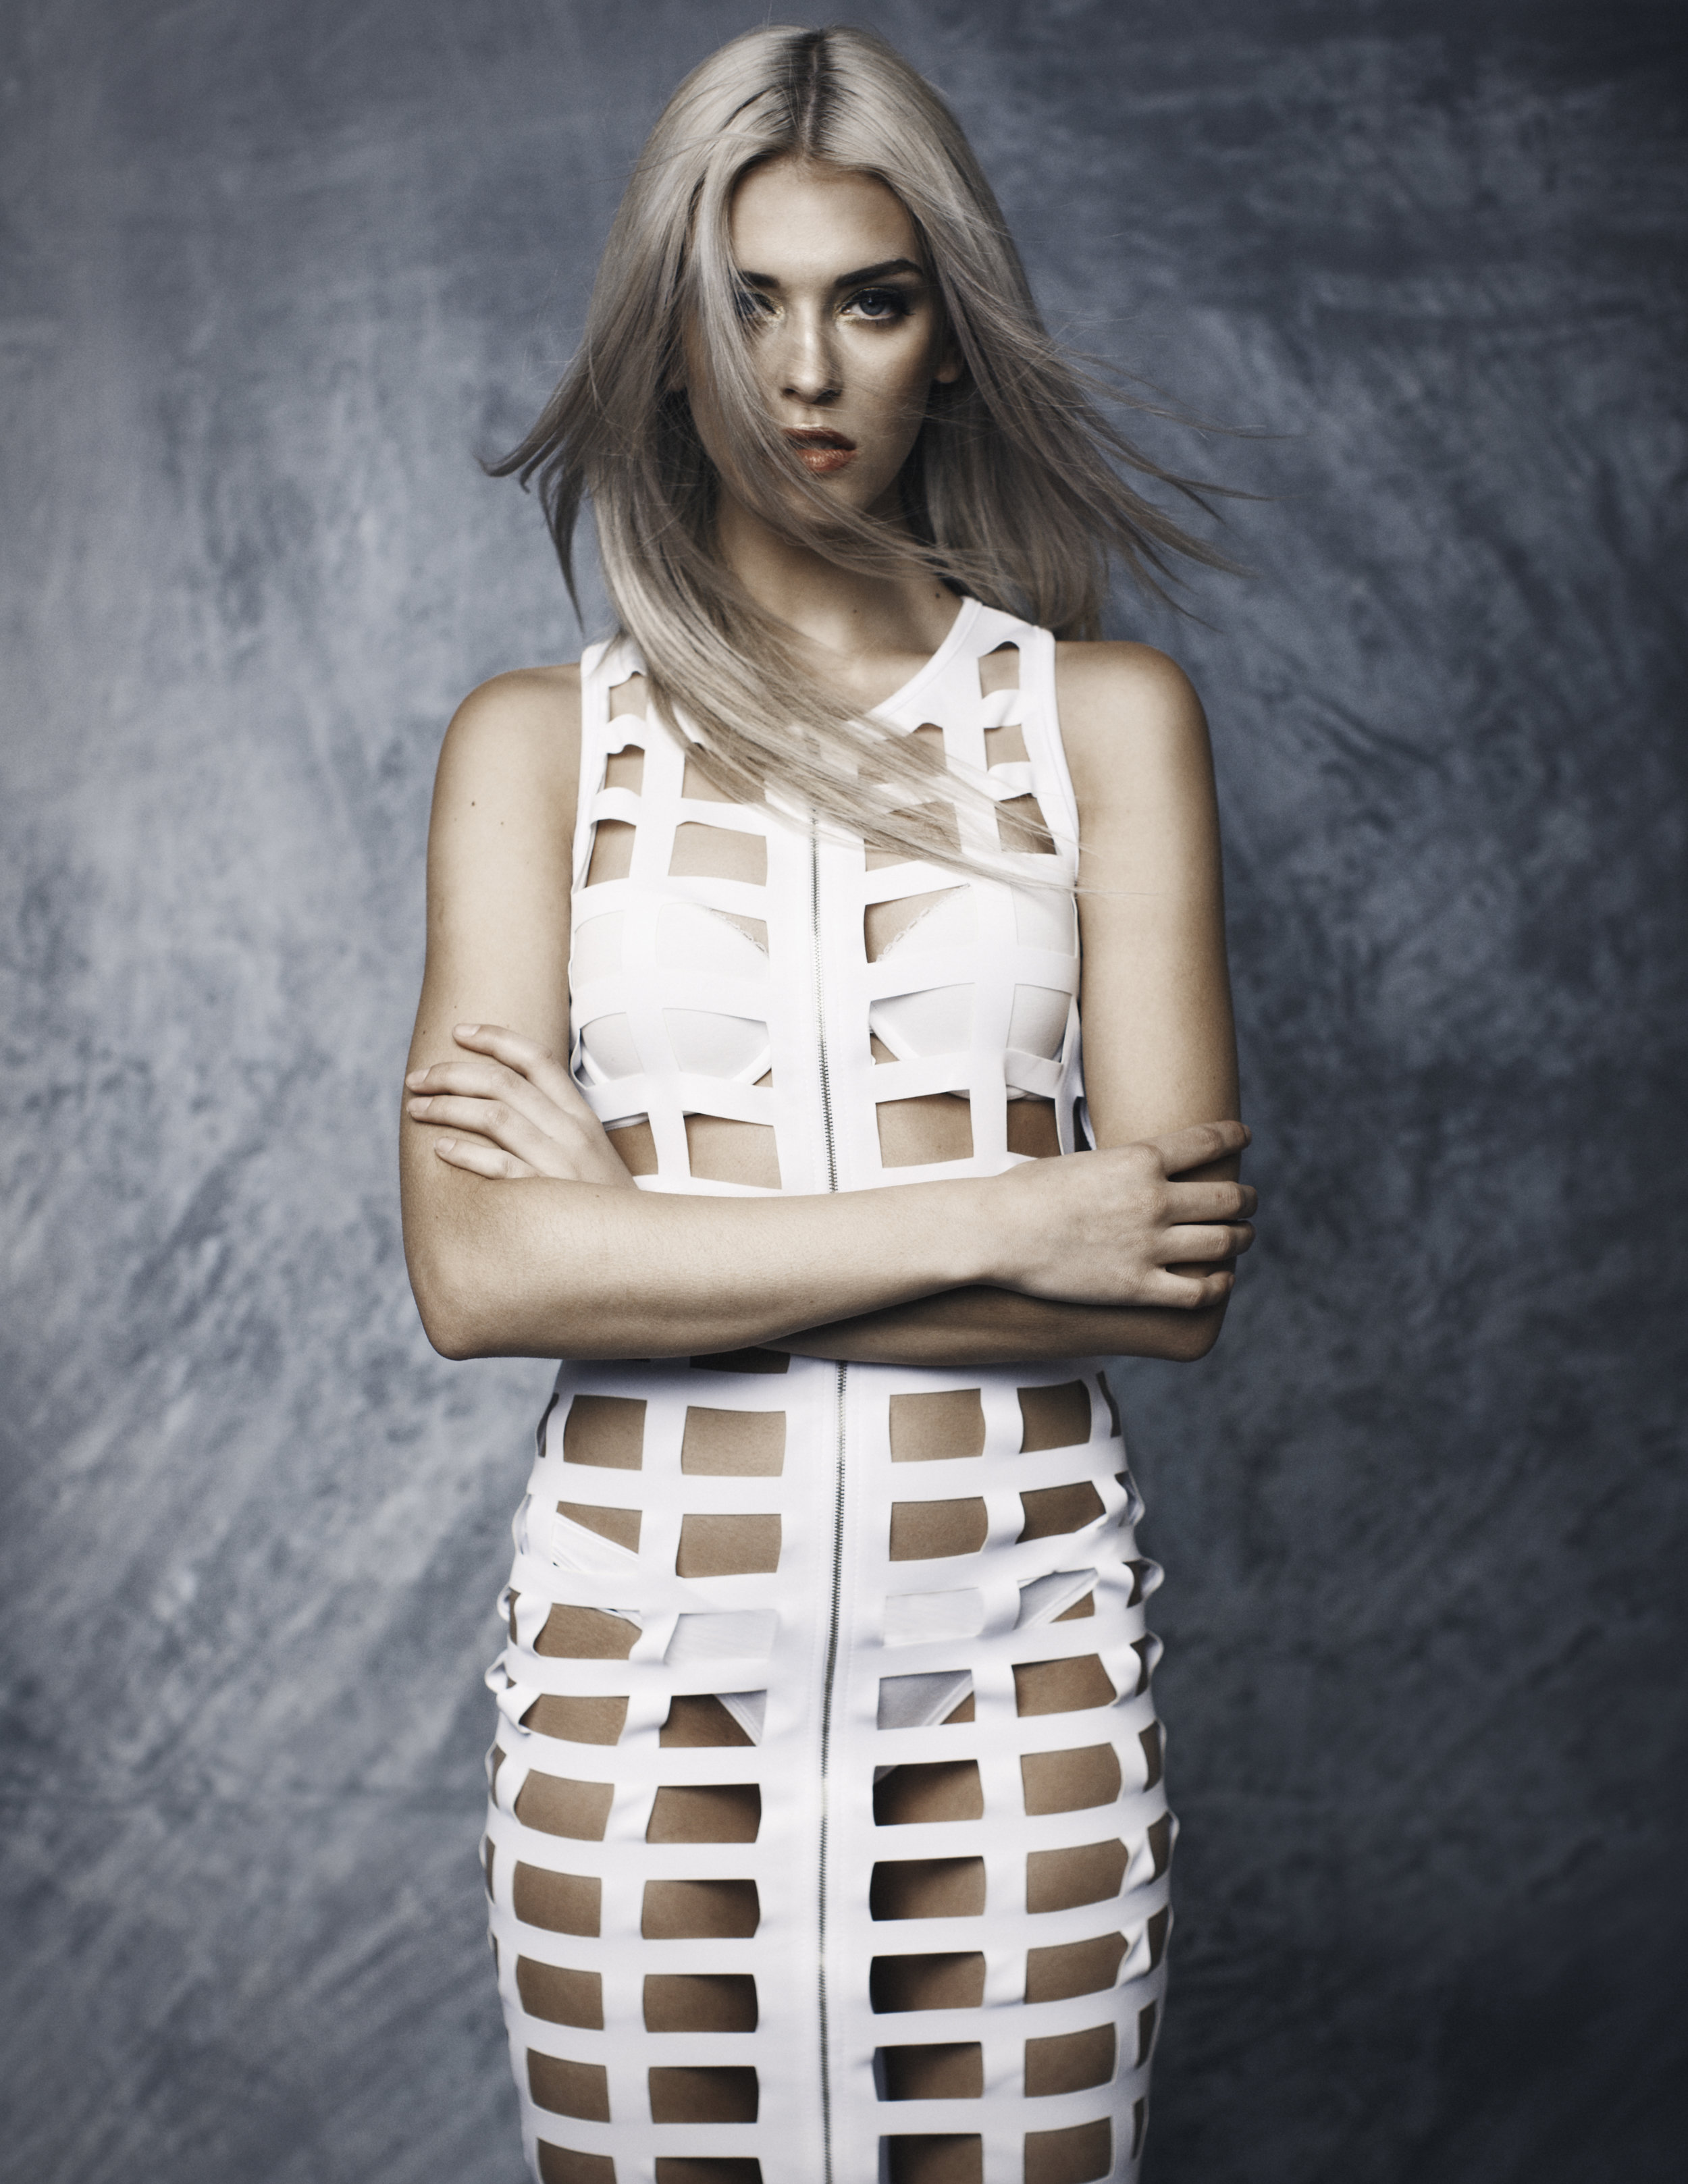 Model: Claire Burry   Makeup Artist/Hairstylist: Jennifer Gjertsen of Jack'd Up Beauty Boutique